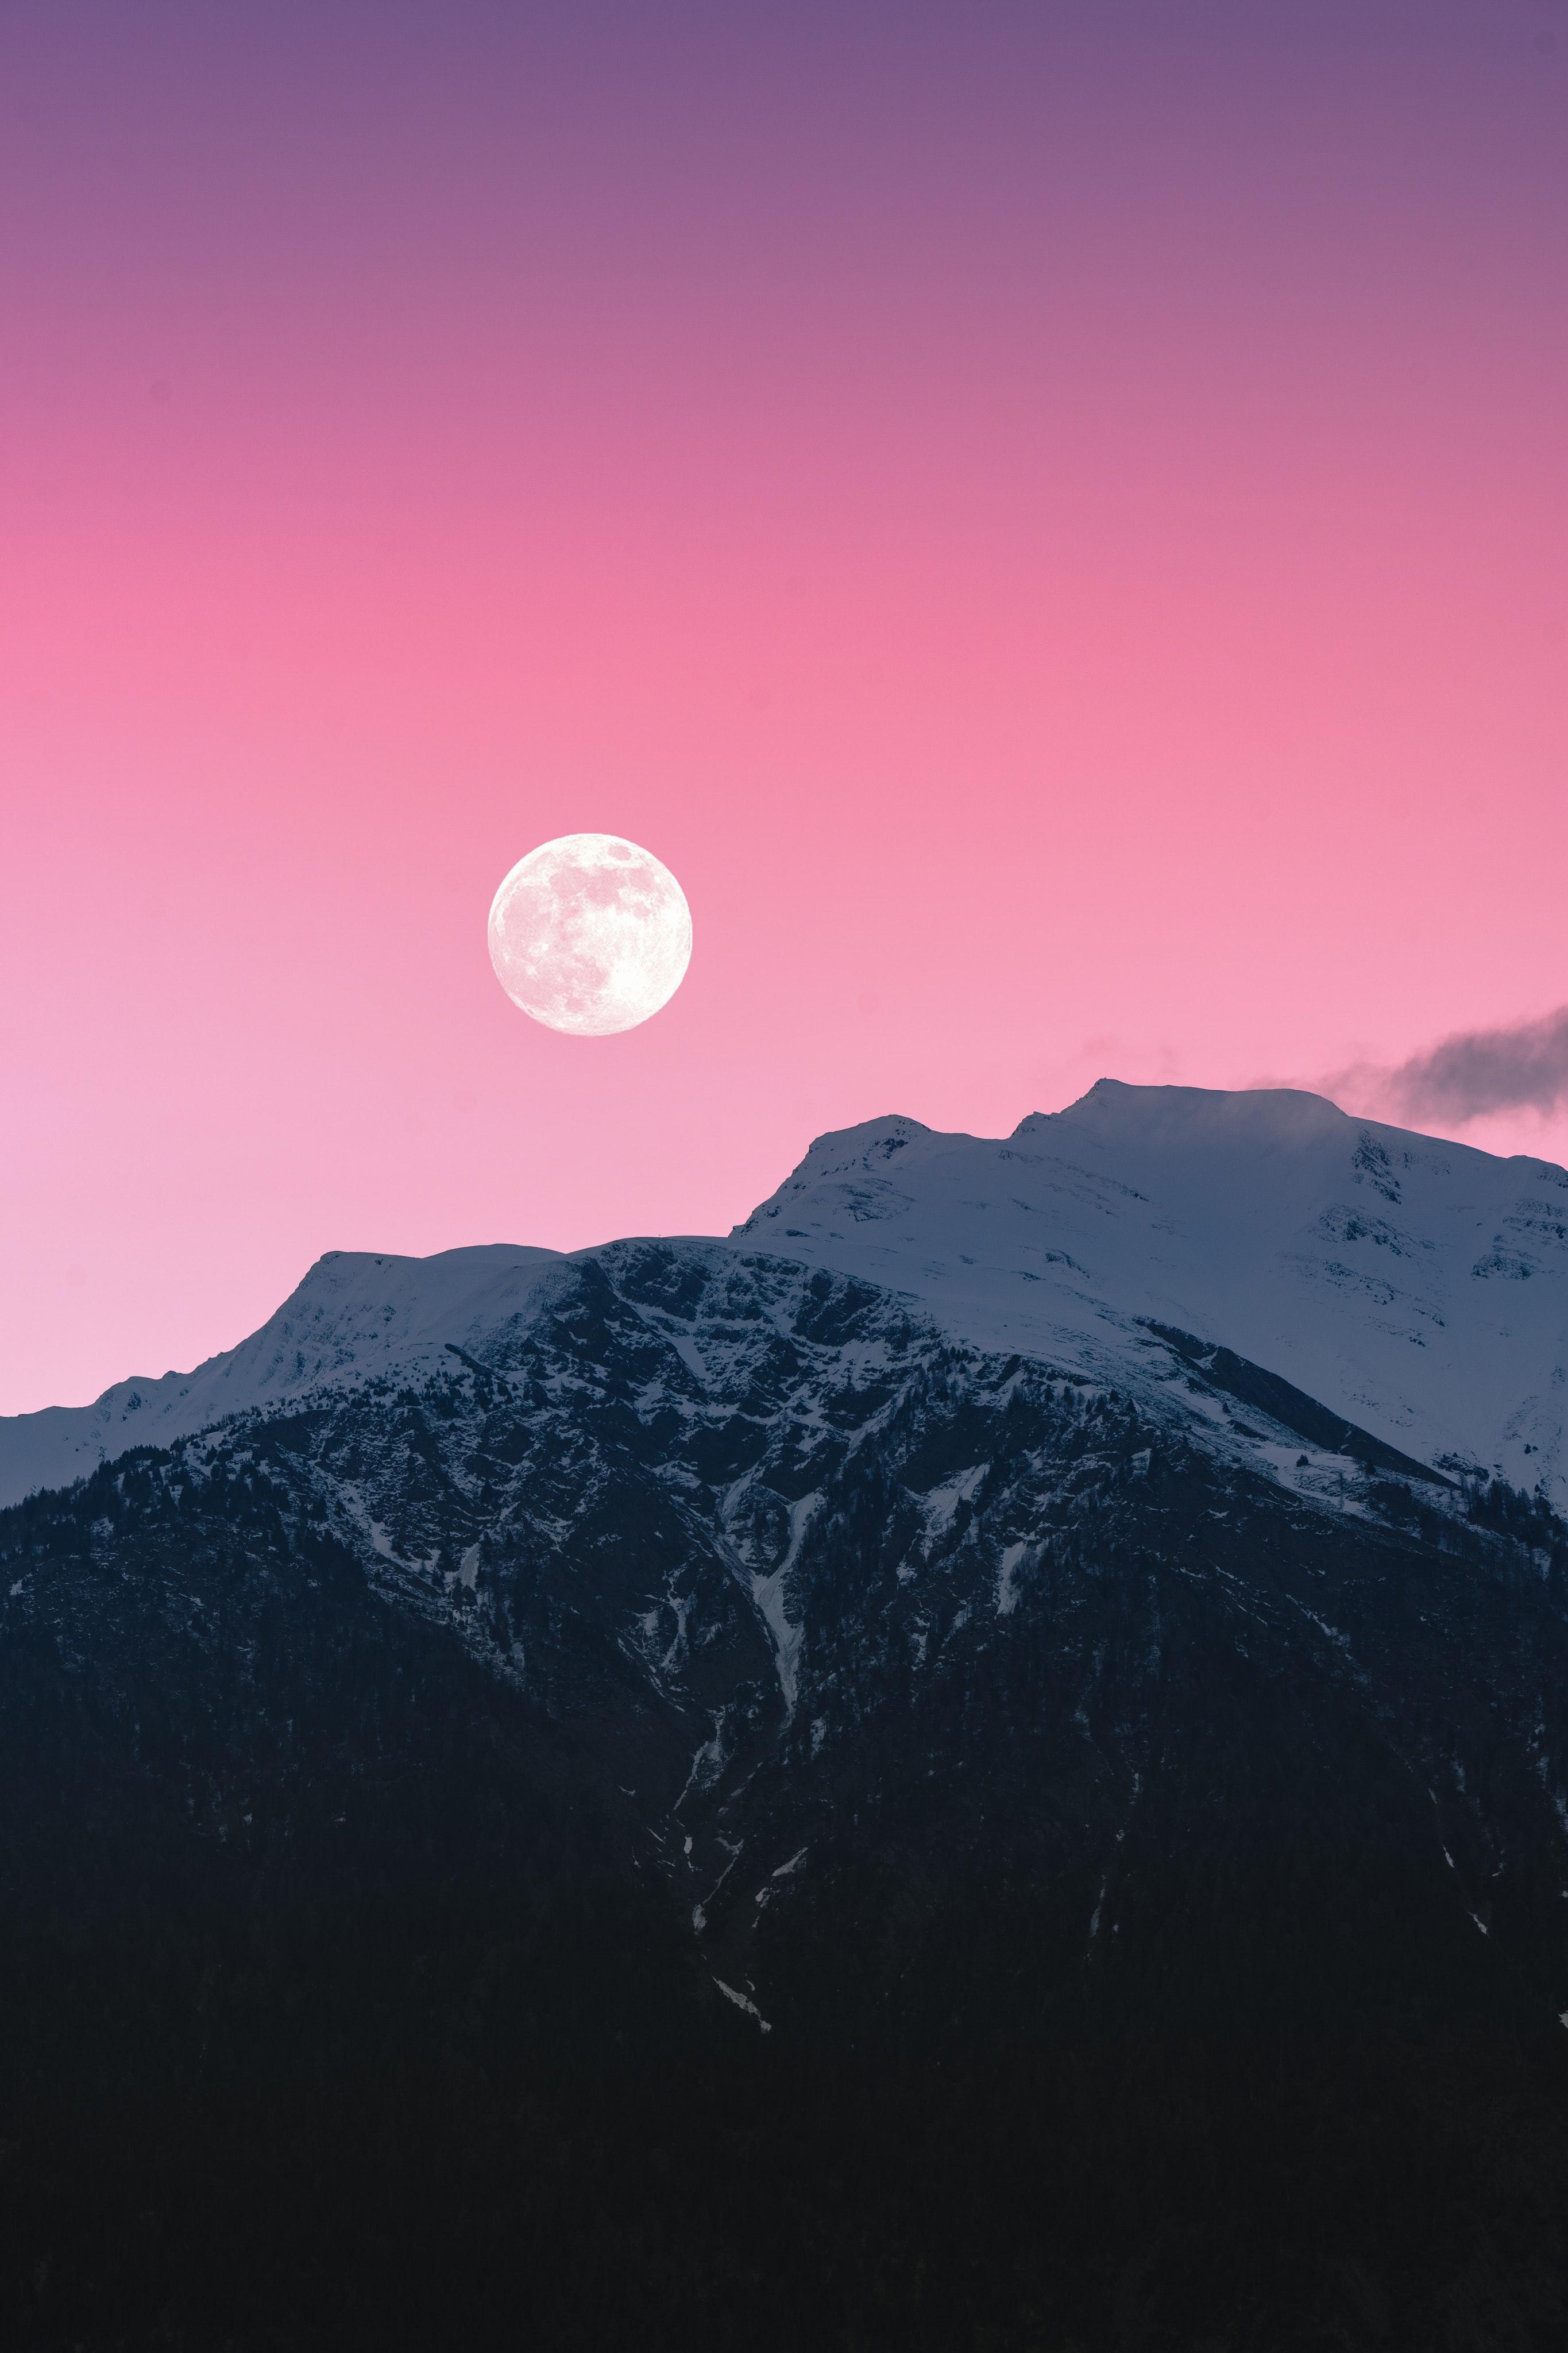 113985 免費下載壁紙 性质, 石头, 岩石, 月球, 雪, 雪覆盖, 白雪覆盖, 粉色的, 粉色, 山 屏保和圖片